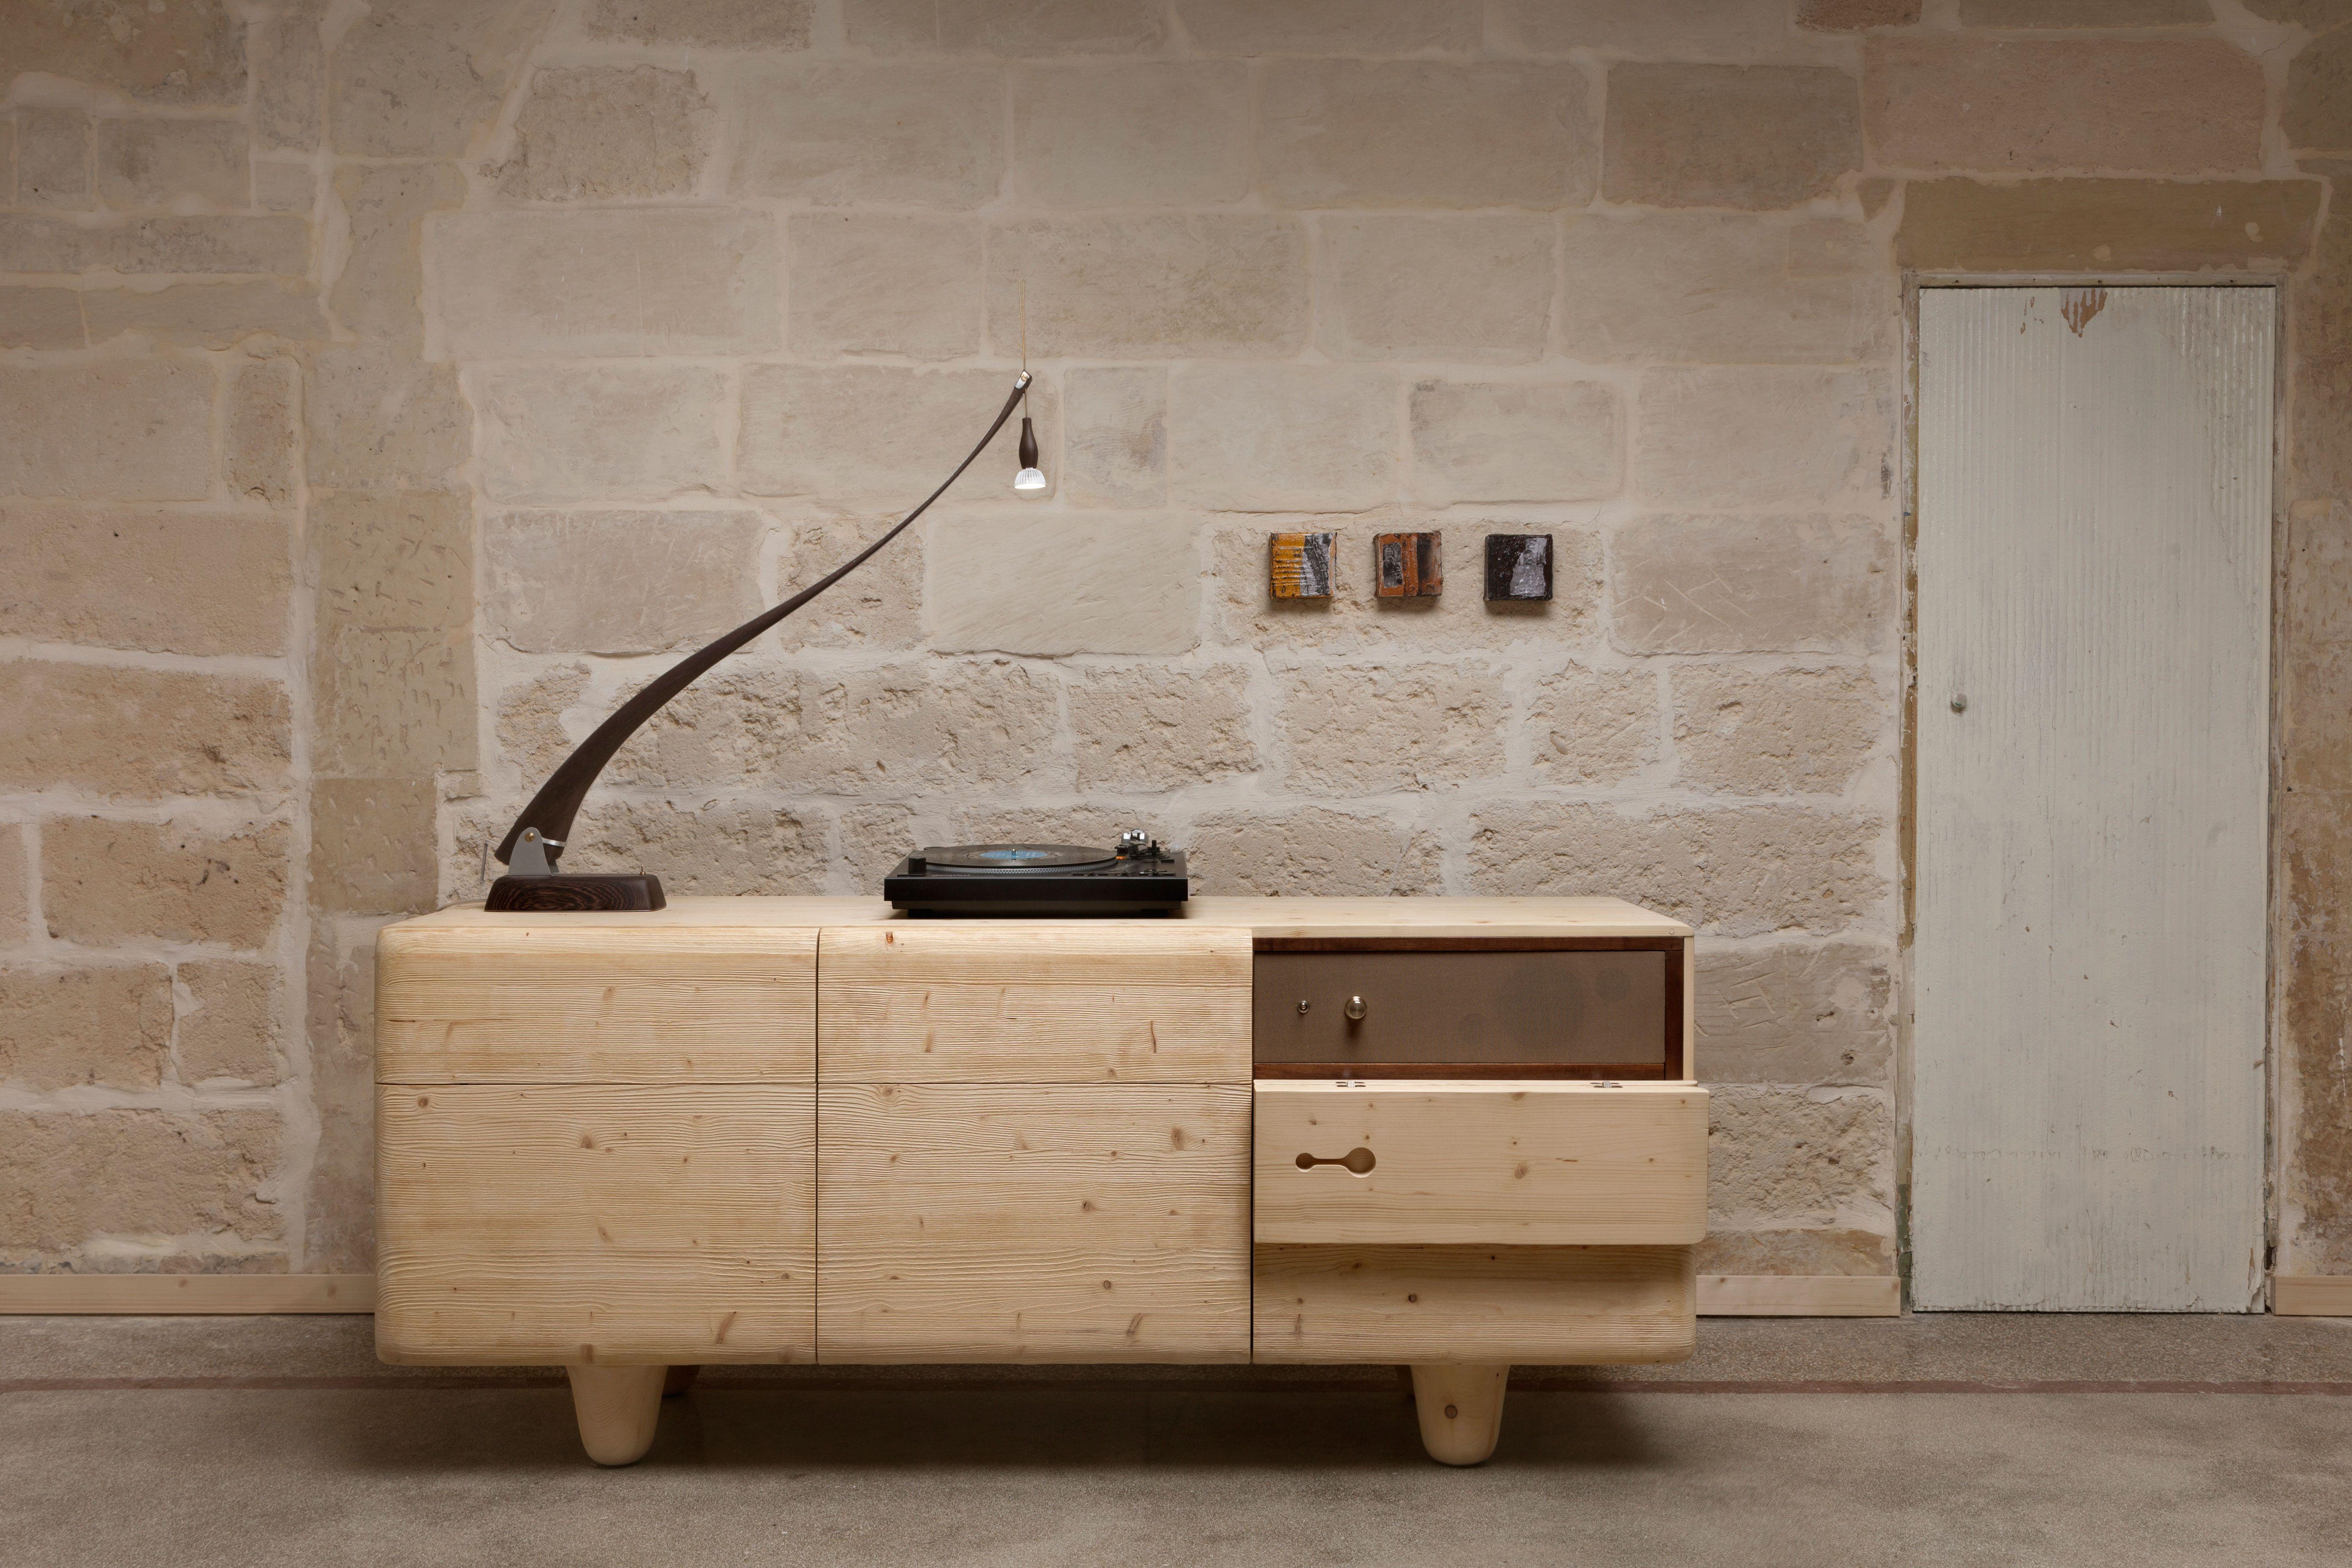 sideboard  aifai, mobile audio  design tonio pede per tonda design allestimento sonoro a cura di novaudio